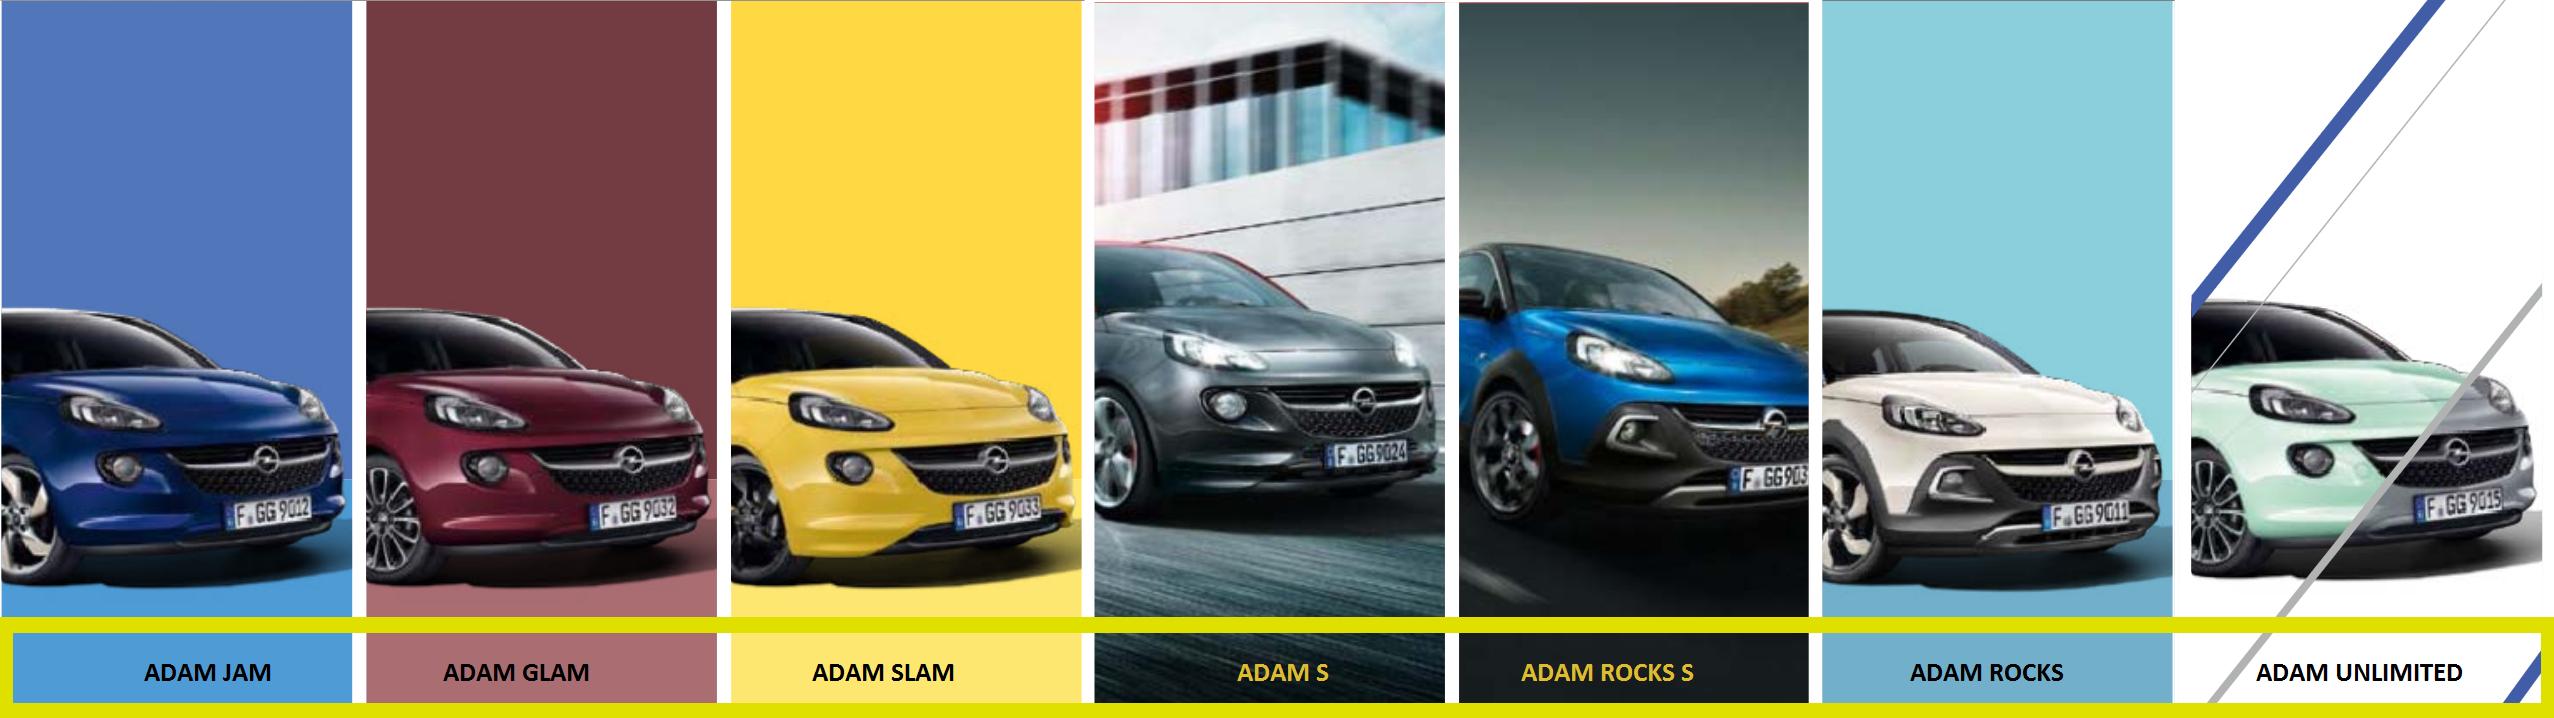 Die Opel Adam Modelle bei Autohaus Riedigerr in Wien